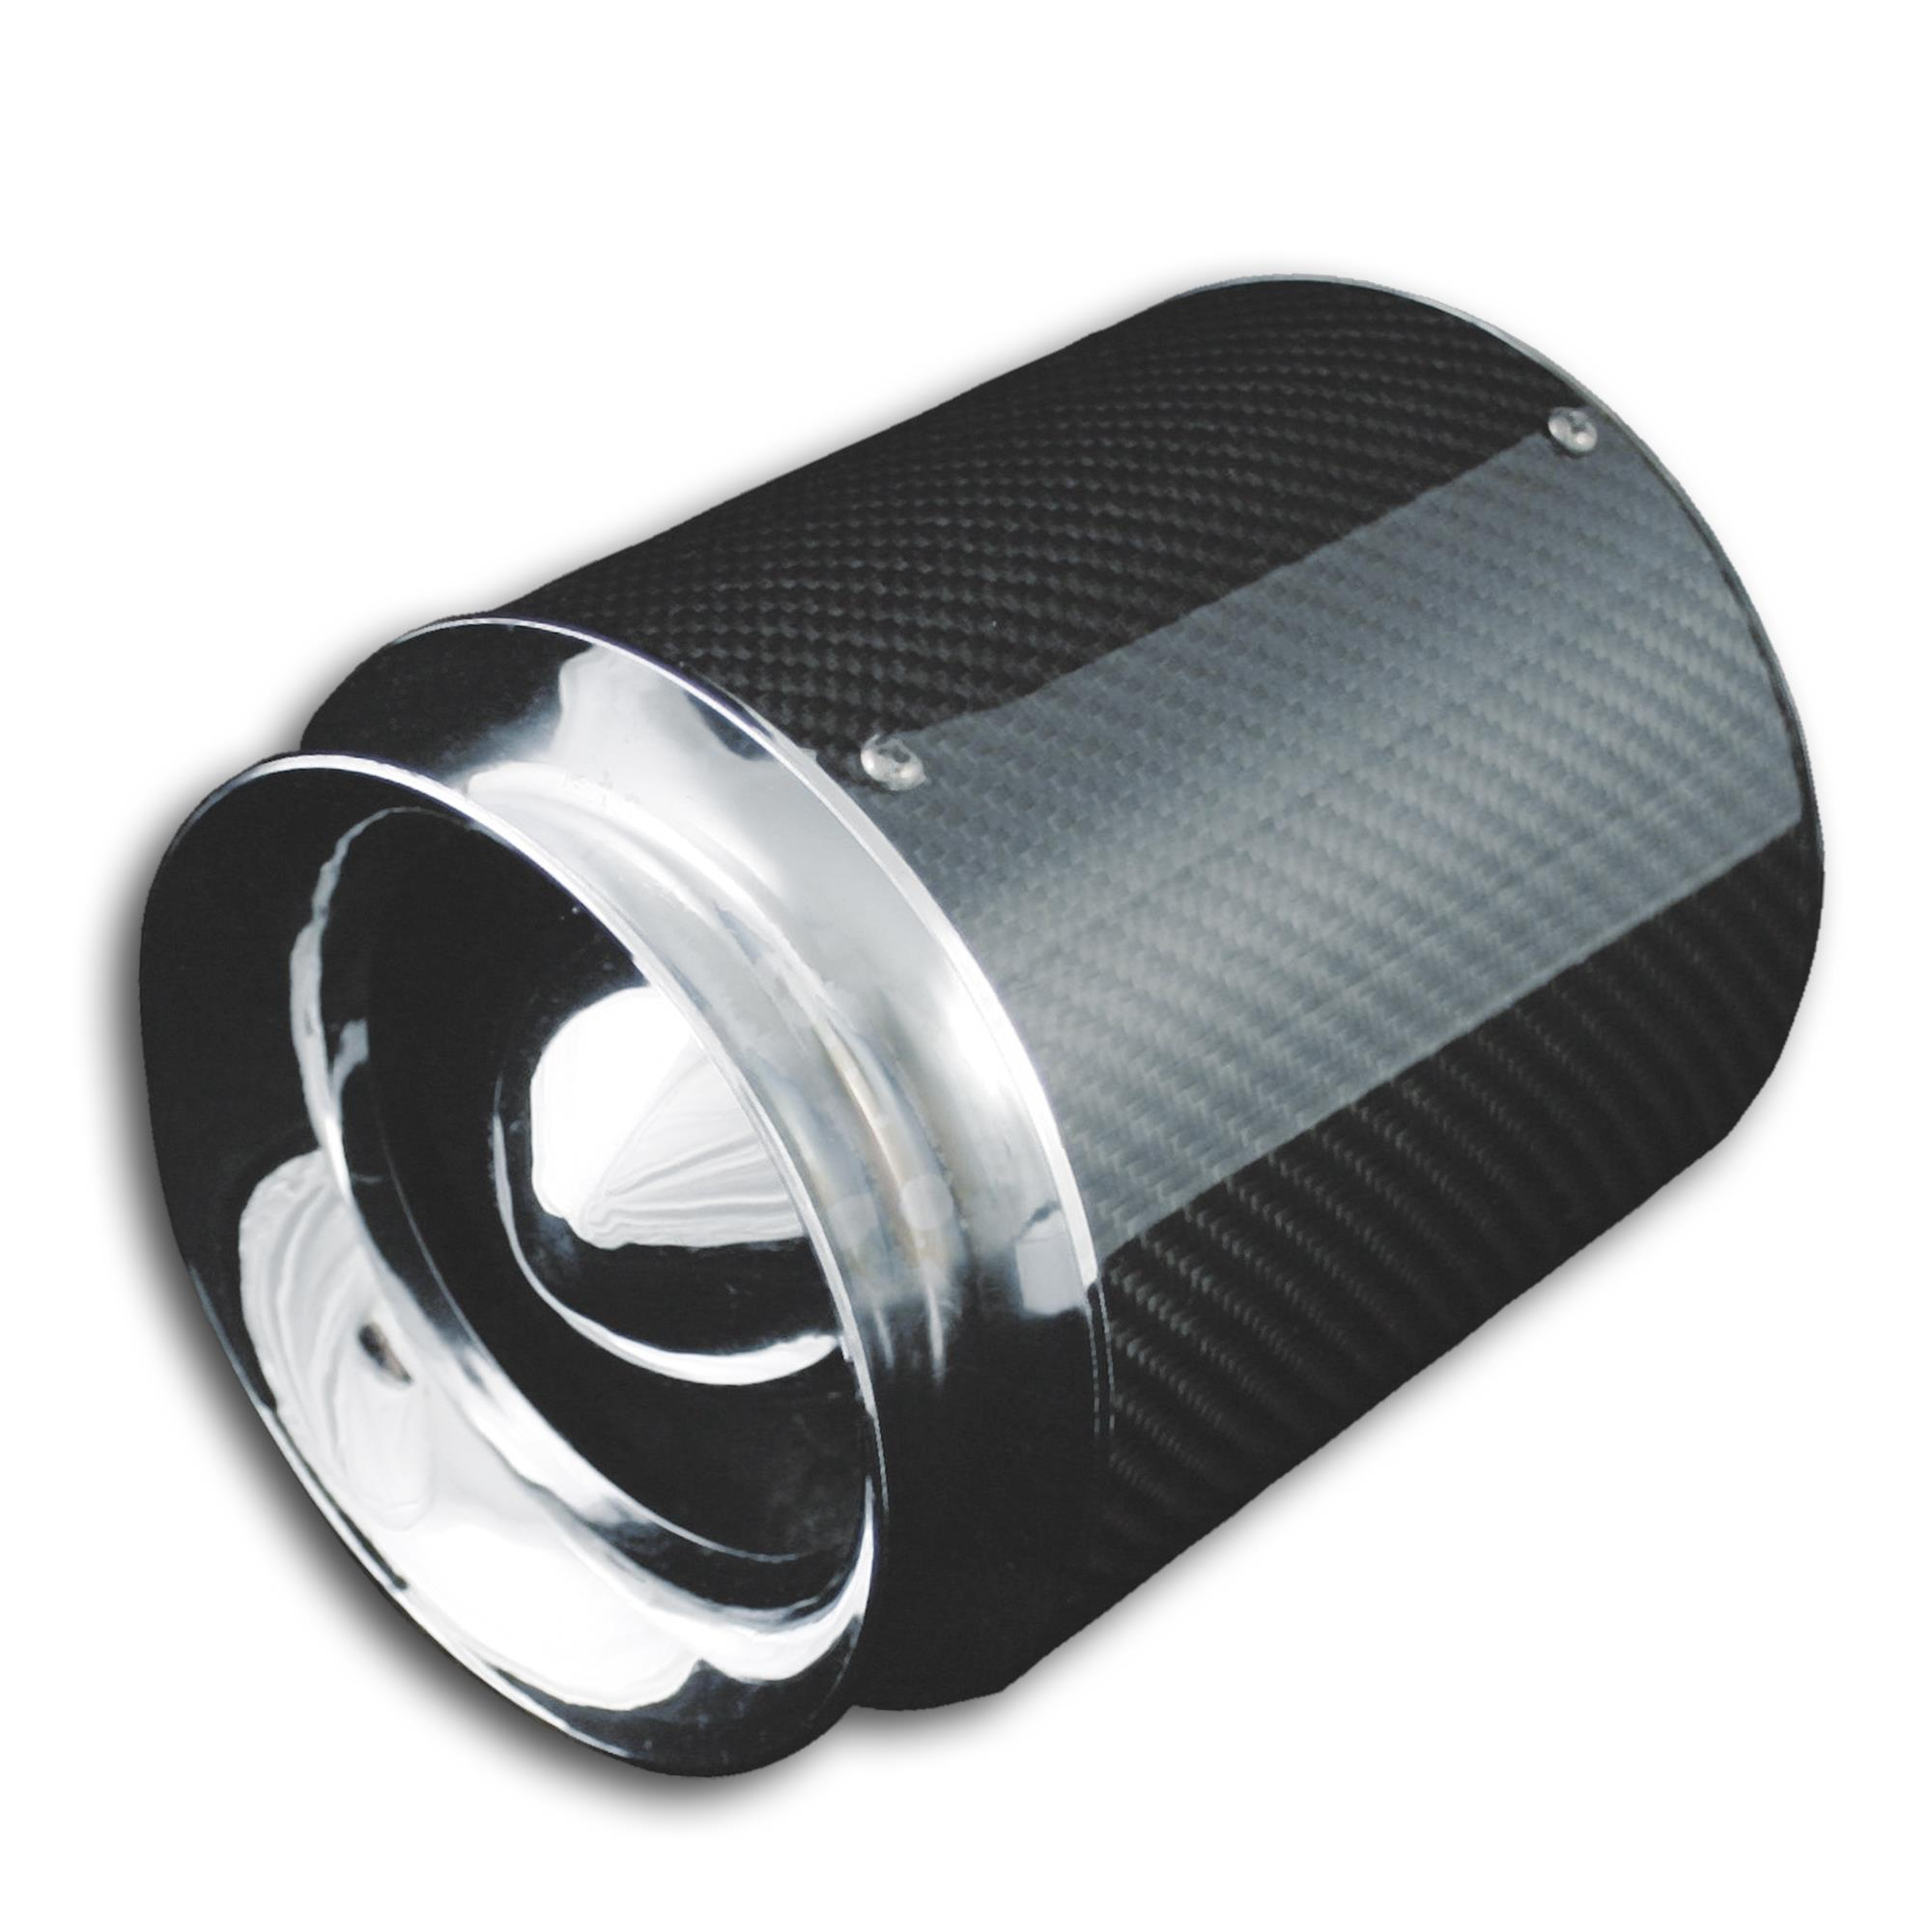 Filter Jom Sportluftfilter Chrom Universal Motor Sport §21 60-90mm Luftfilter